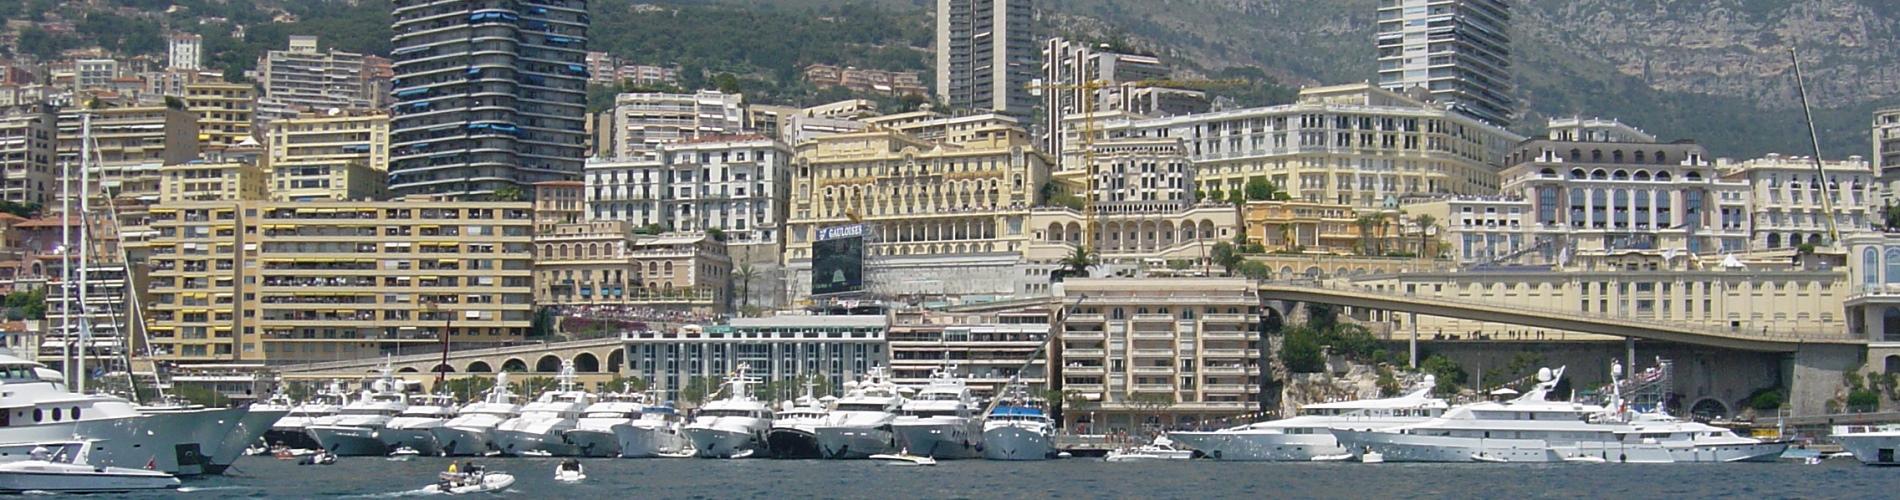 Monaco - Monte Carlo Formule 1 Grand Prix